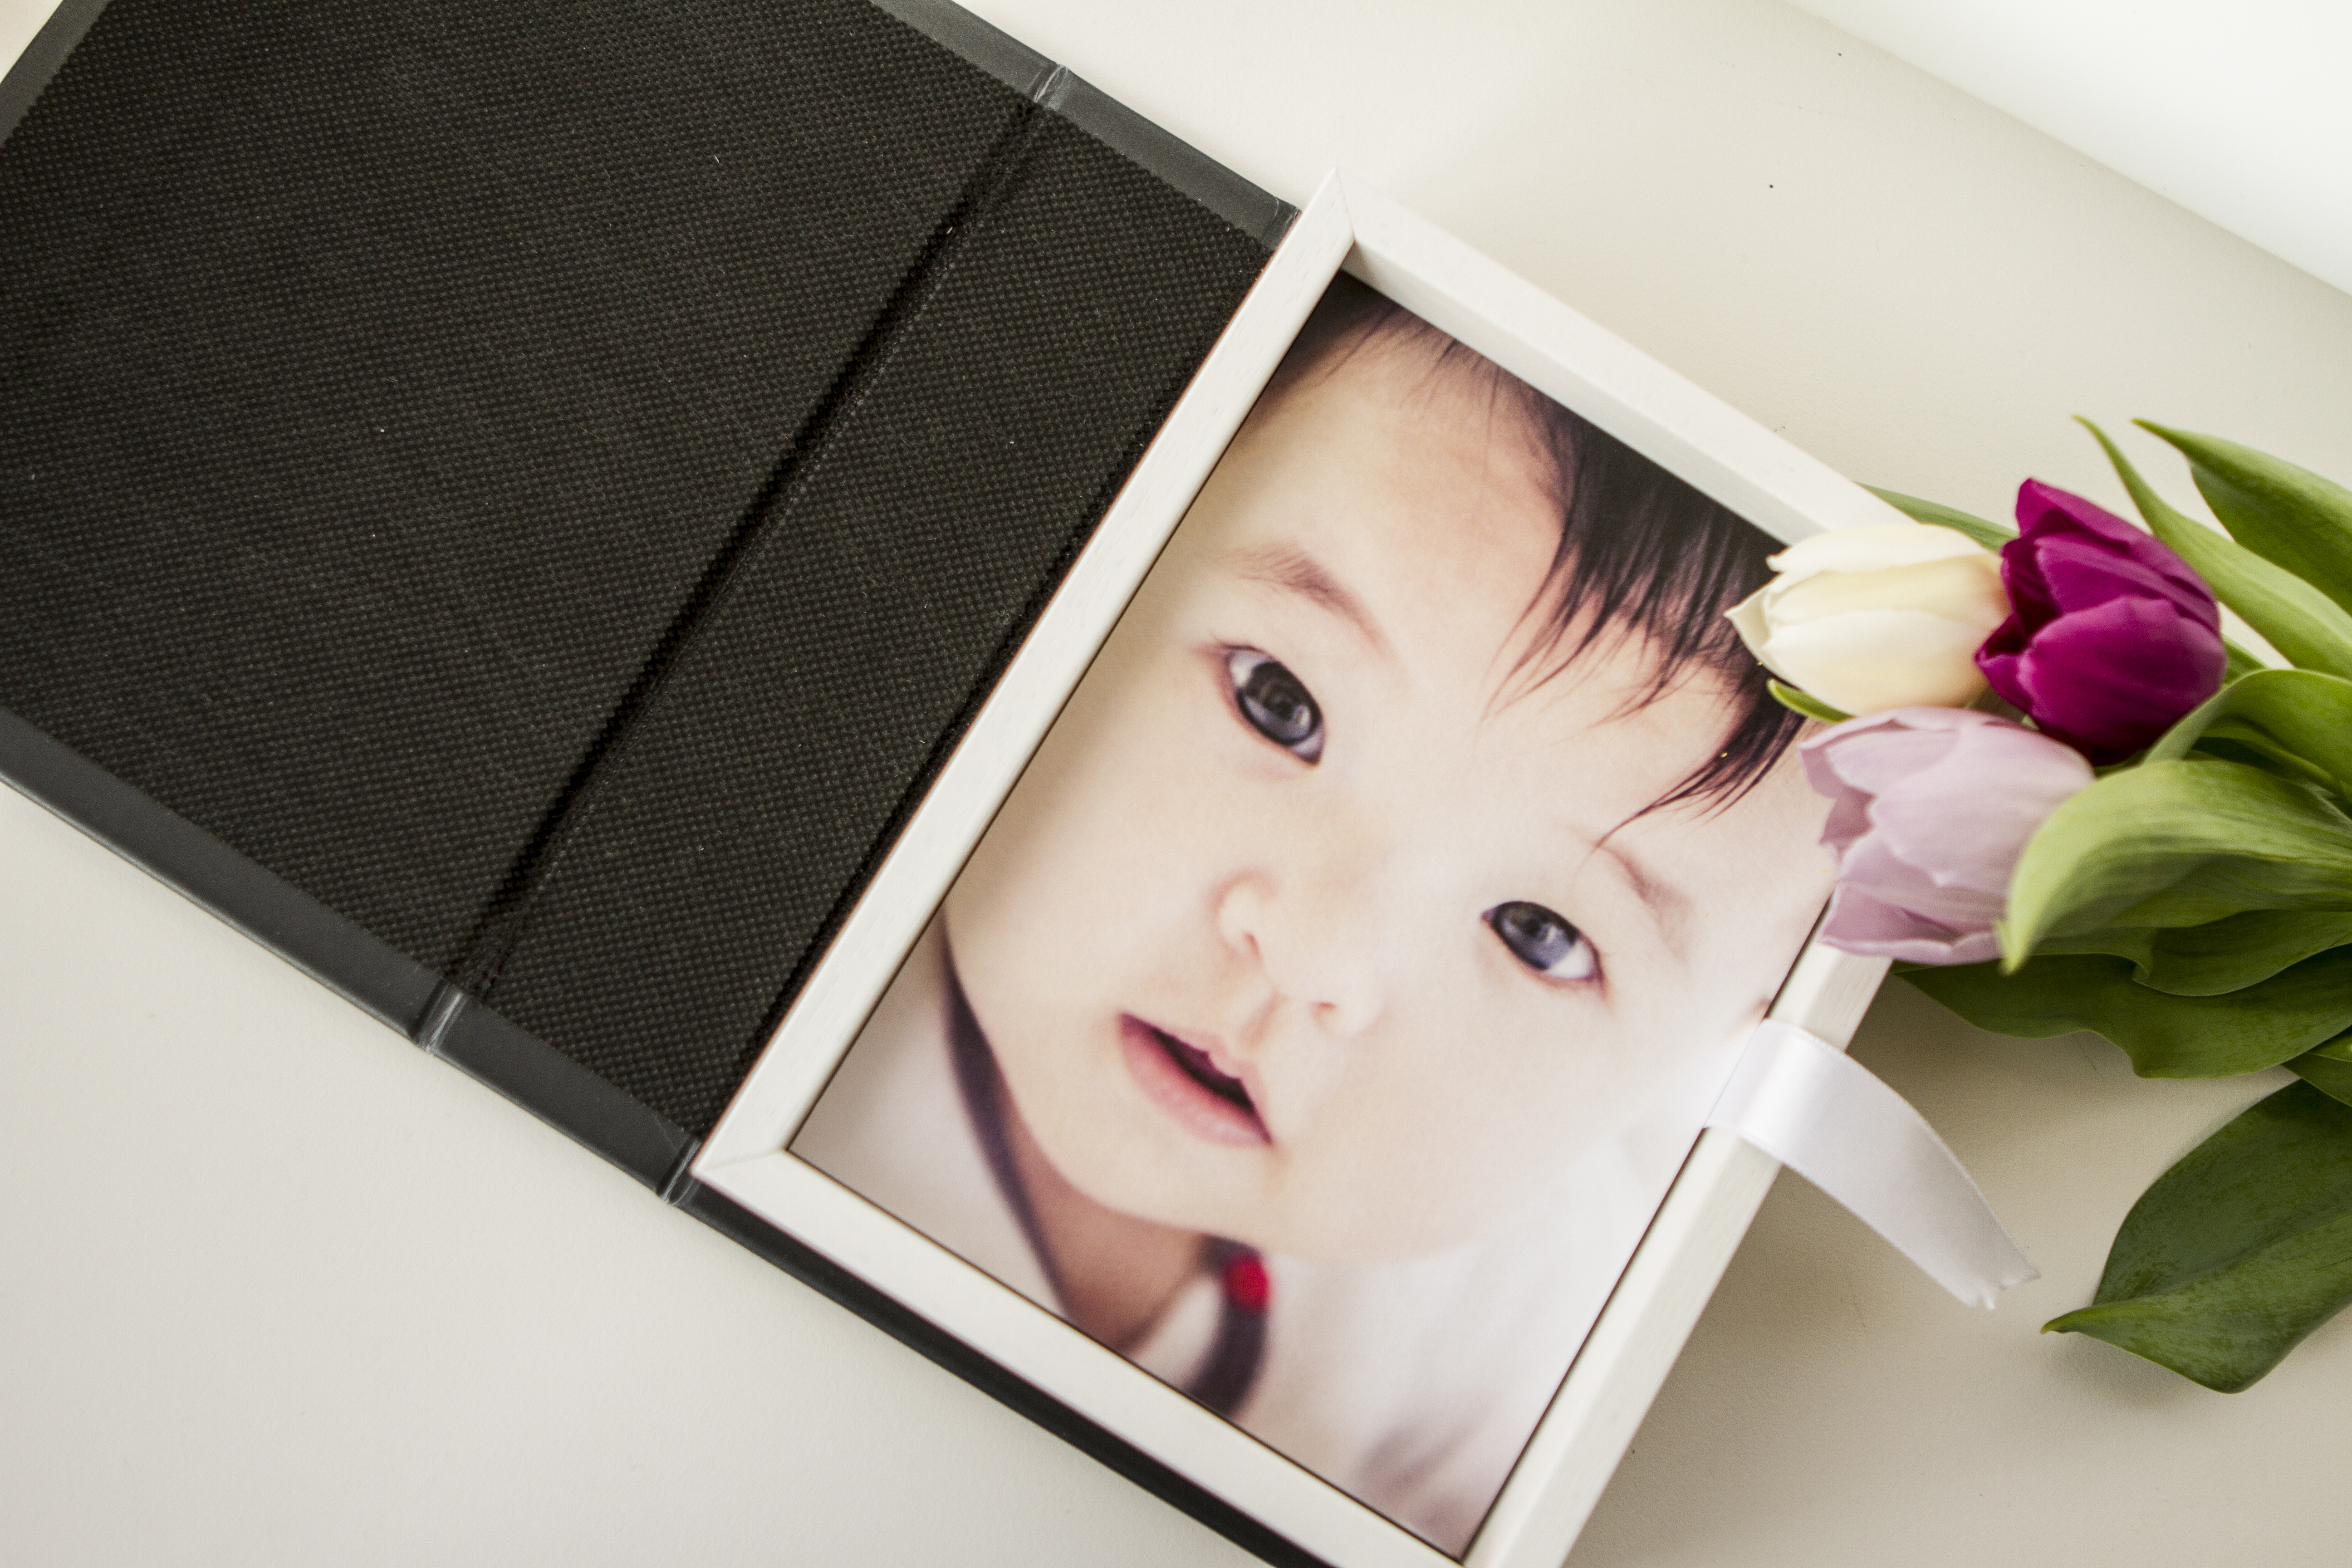 gepersonaliseerde foto bewaar doos